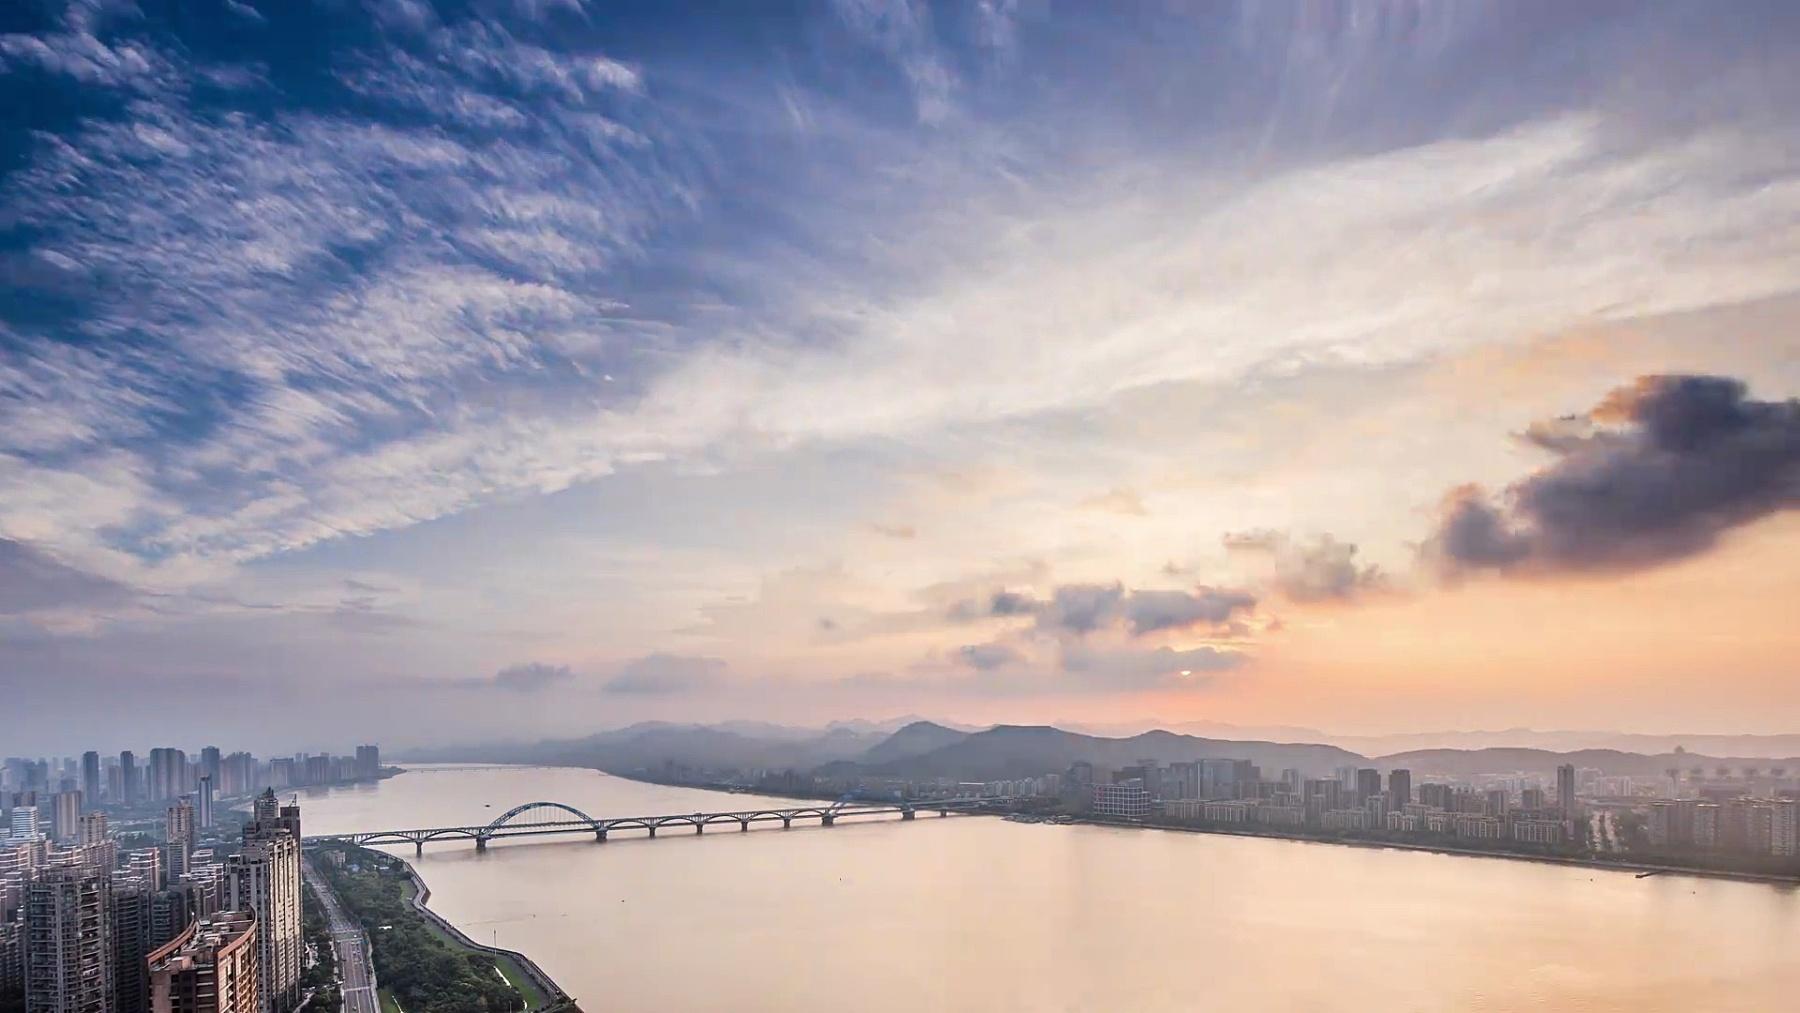 蓝天中的西湖夜景和杭州城市风光。时间间隔